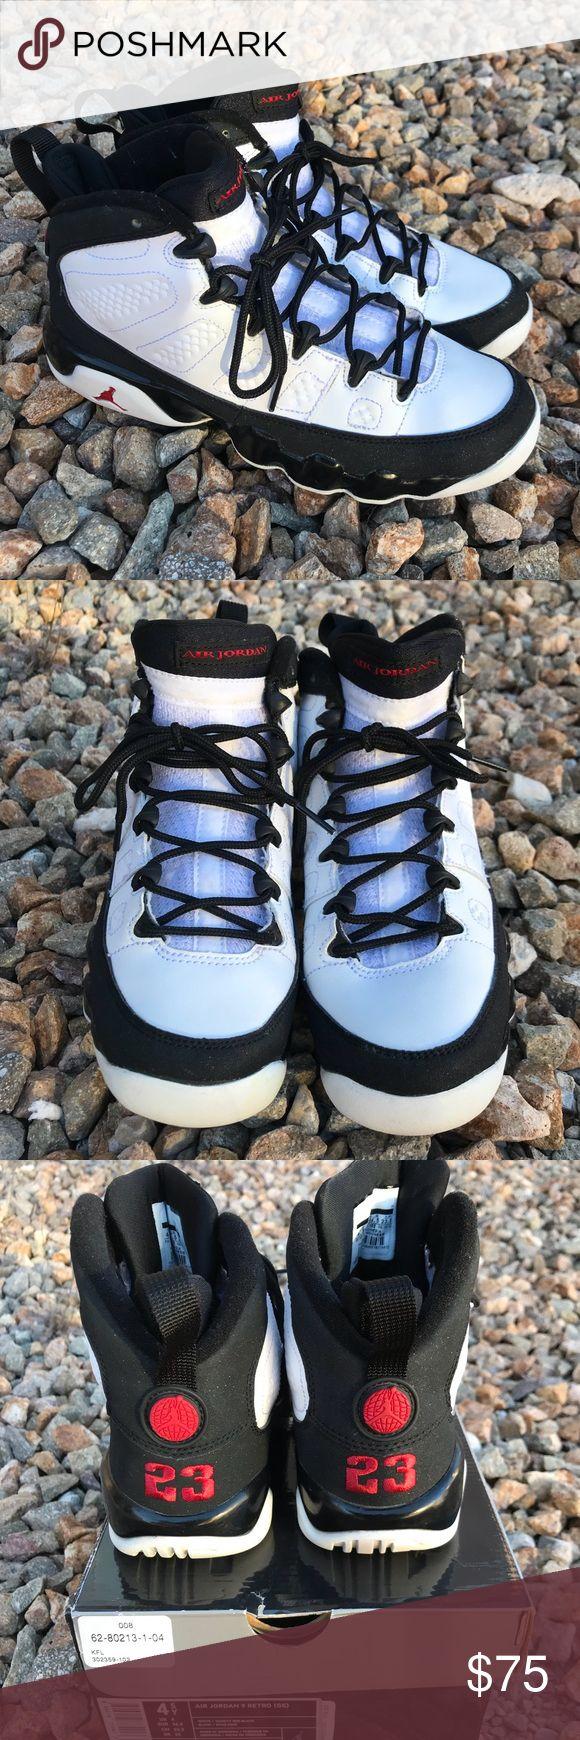 """Air Jordan 9 Retro OG """"Space Jam"""" Youth size 4.5 Air"""